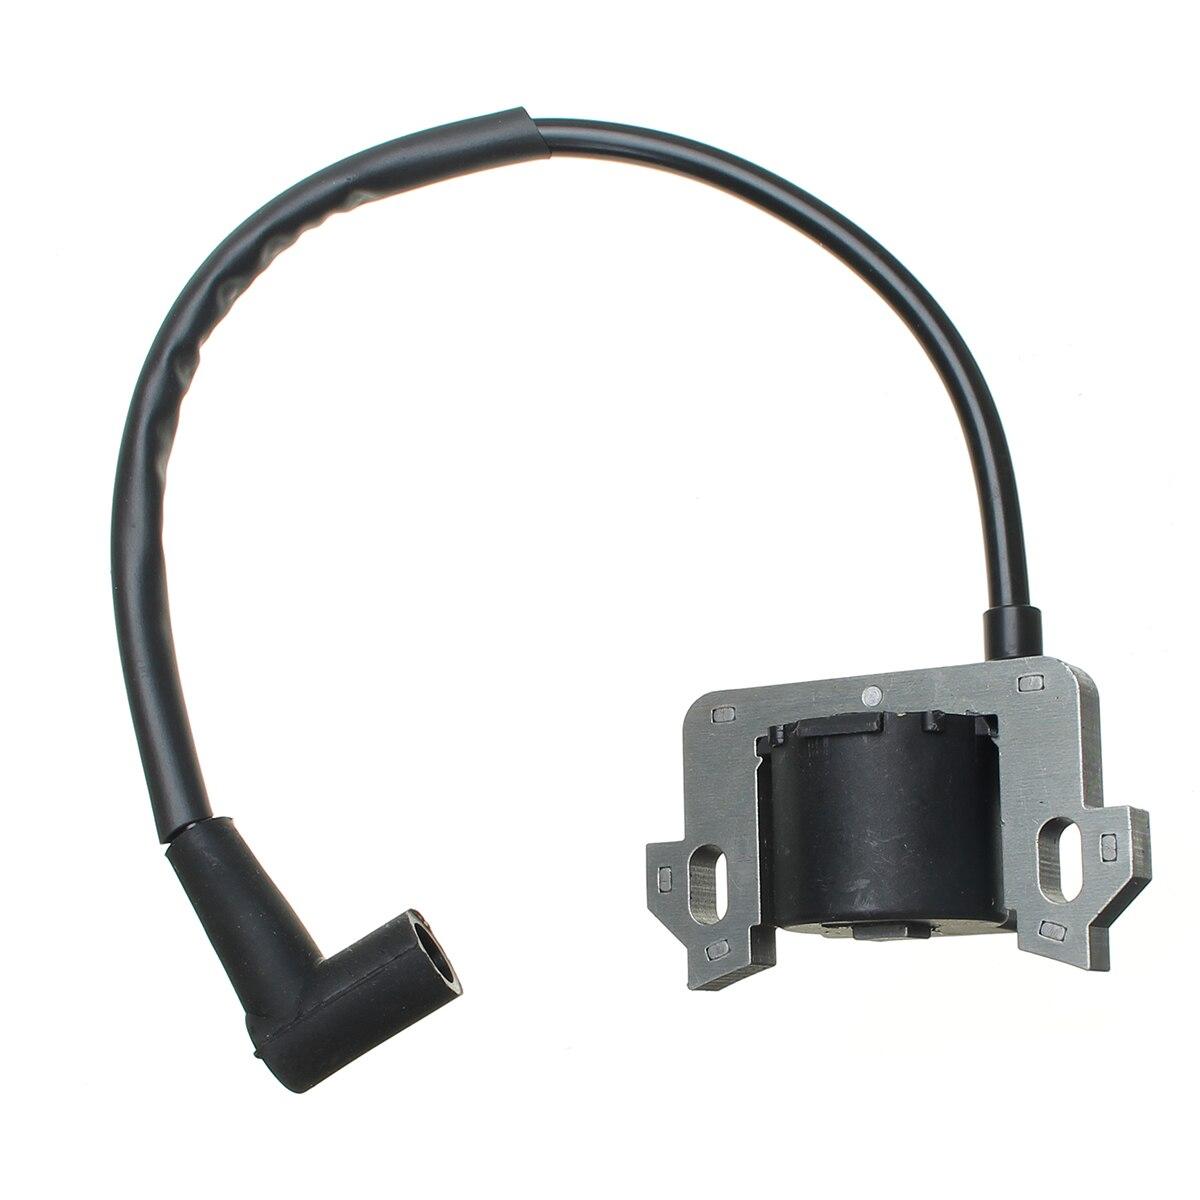 Ignition Coil Module For HONDA GCV135 GCV160 GCV190 GSV160 30500-ZL8-004Ignition Coil Module For HONDA GCV135 GCV160 GCV190 GSV160 30500-ZL8-004